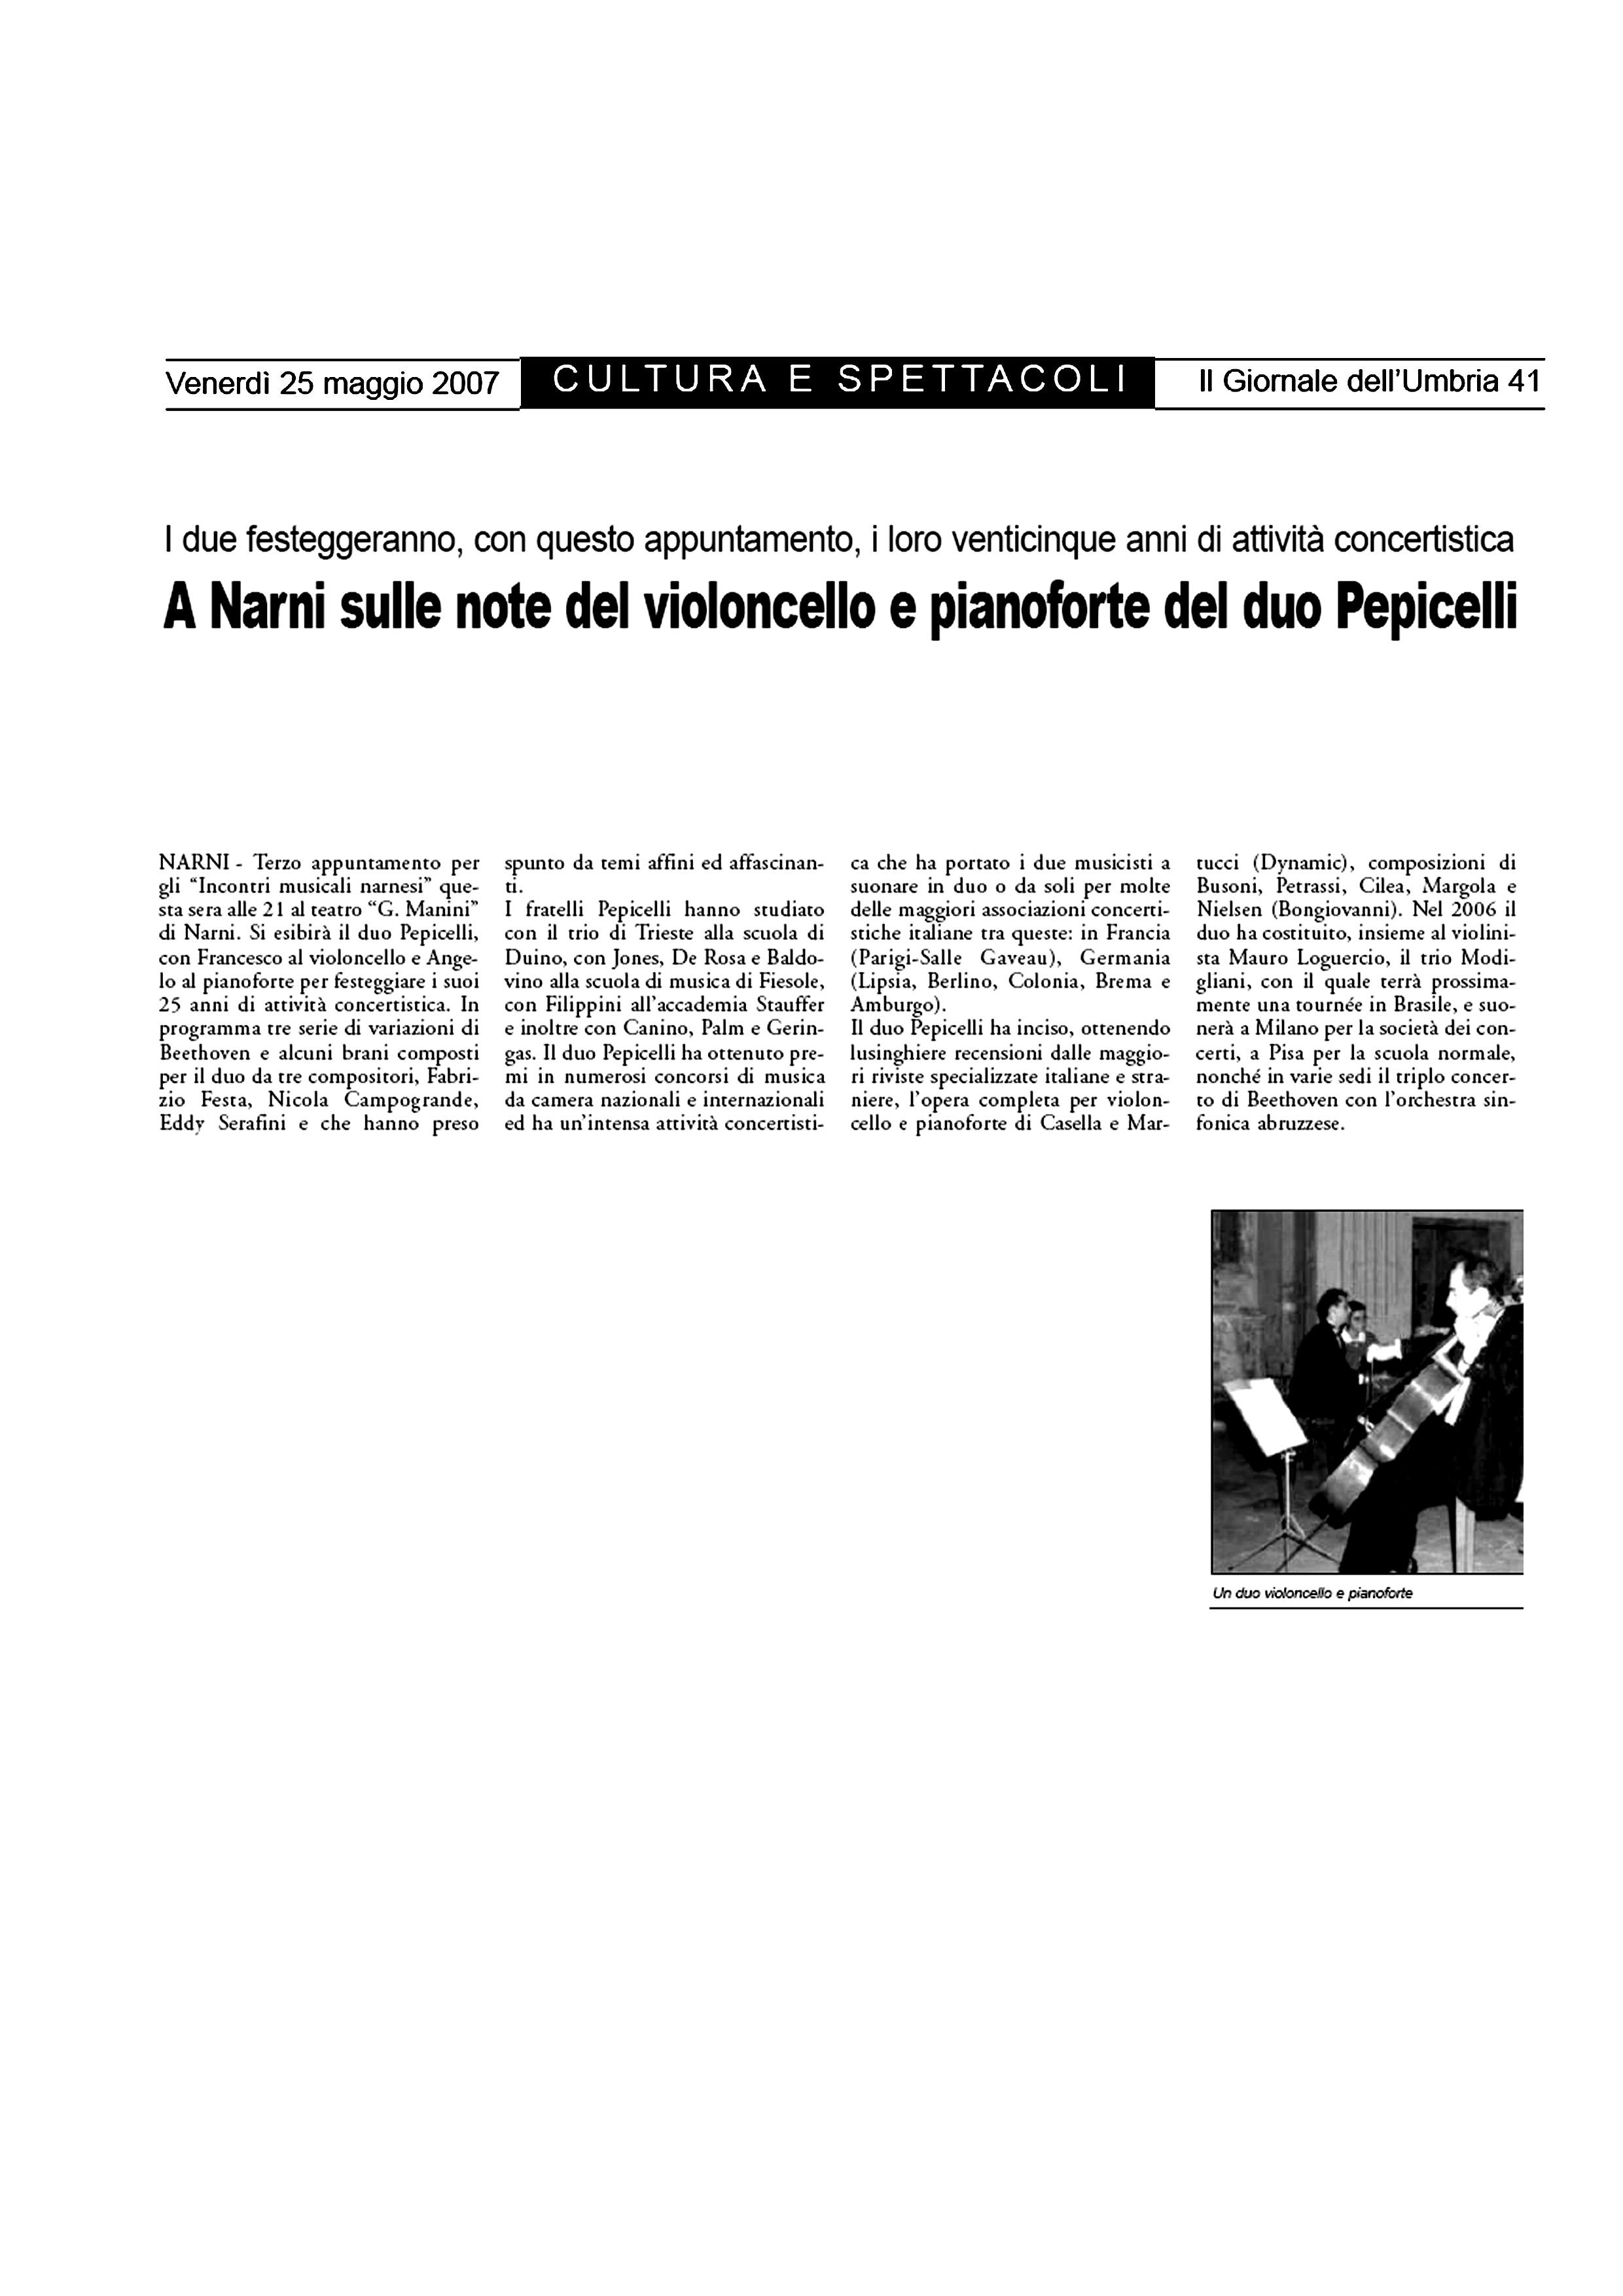 A Narni sulle note del violoncello e pianoforte del Duo Pepicelli – Il Giornale dell'Umbria – 25/05/2007